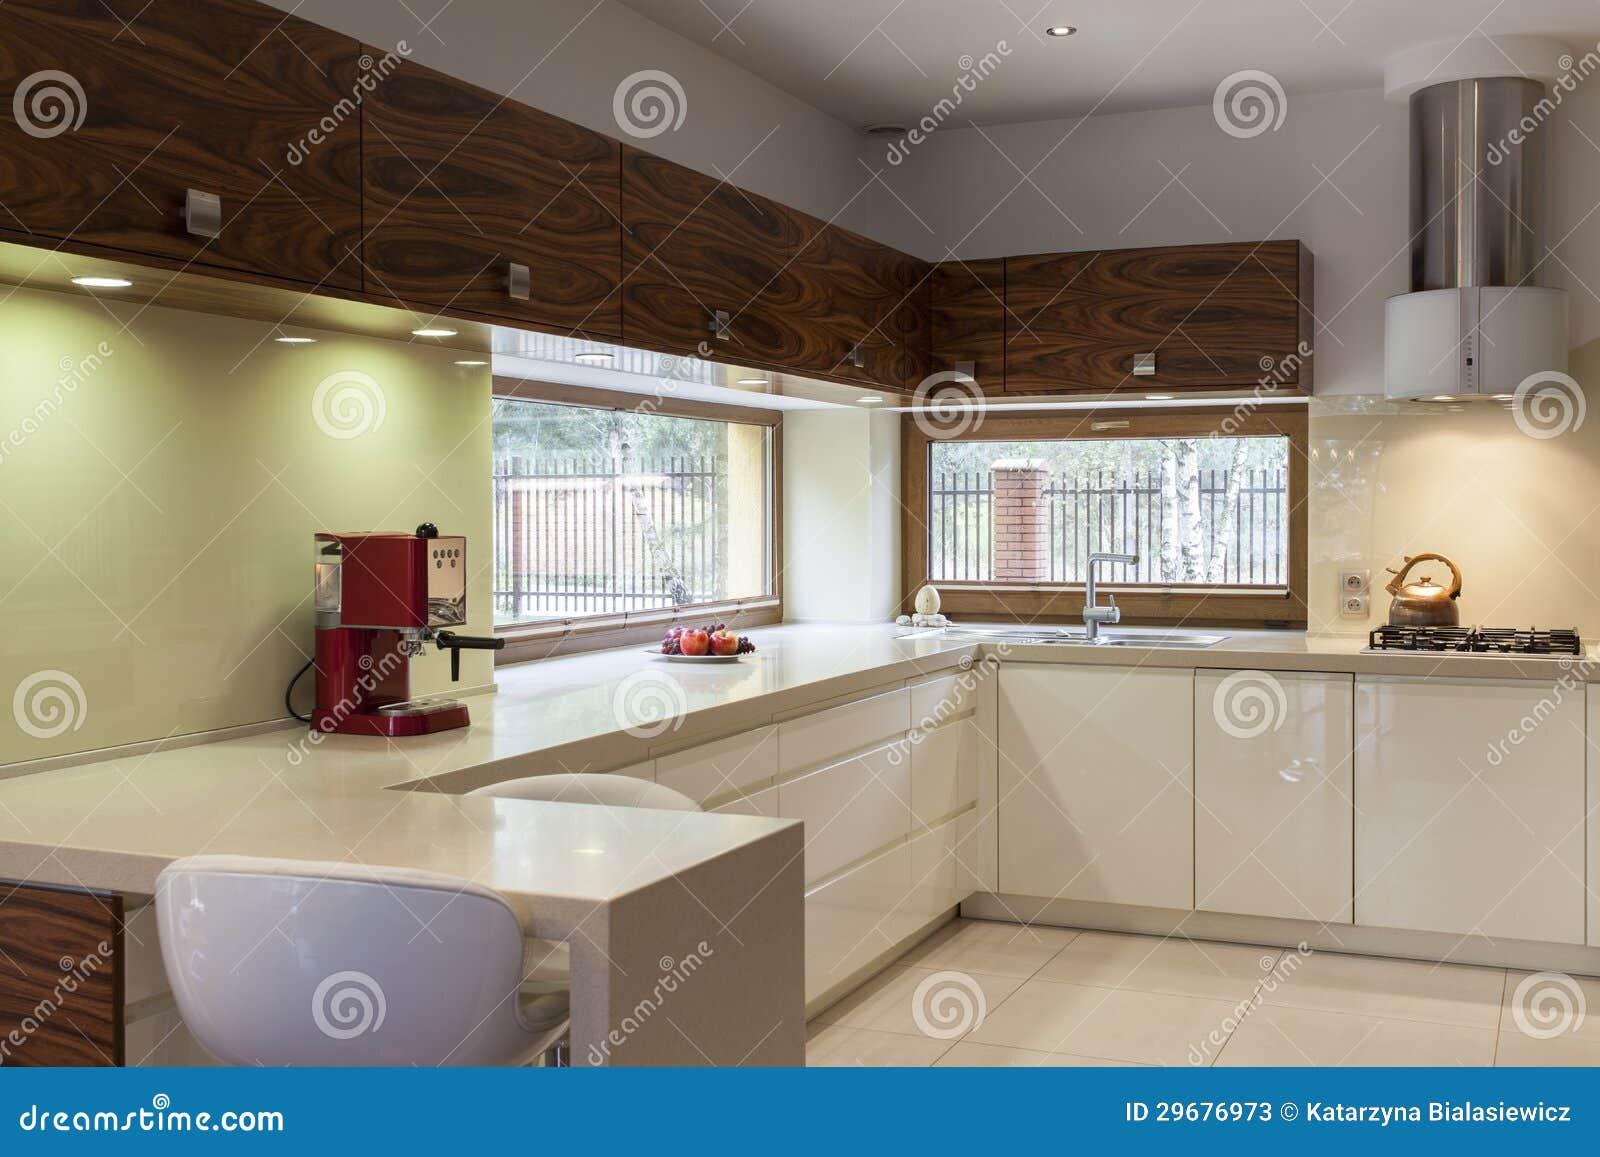 Cozinha Branca Com Mob Lia De Madeira Imagem De Stock Imagem De